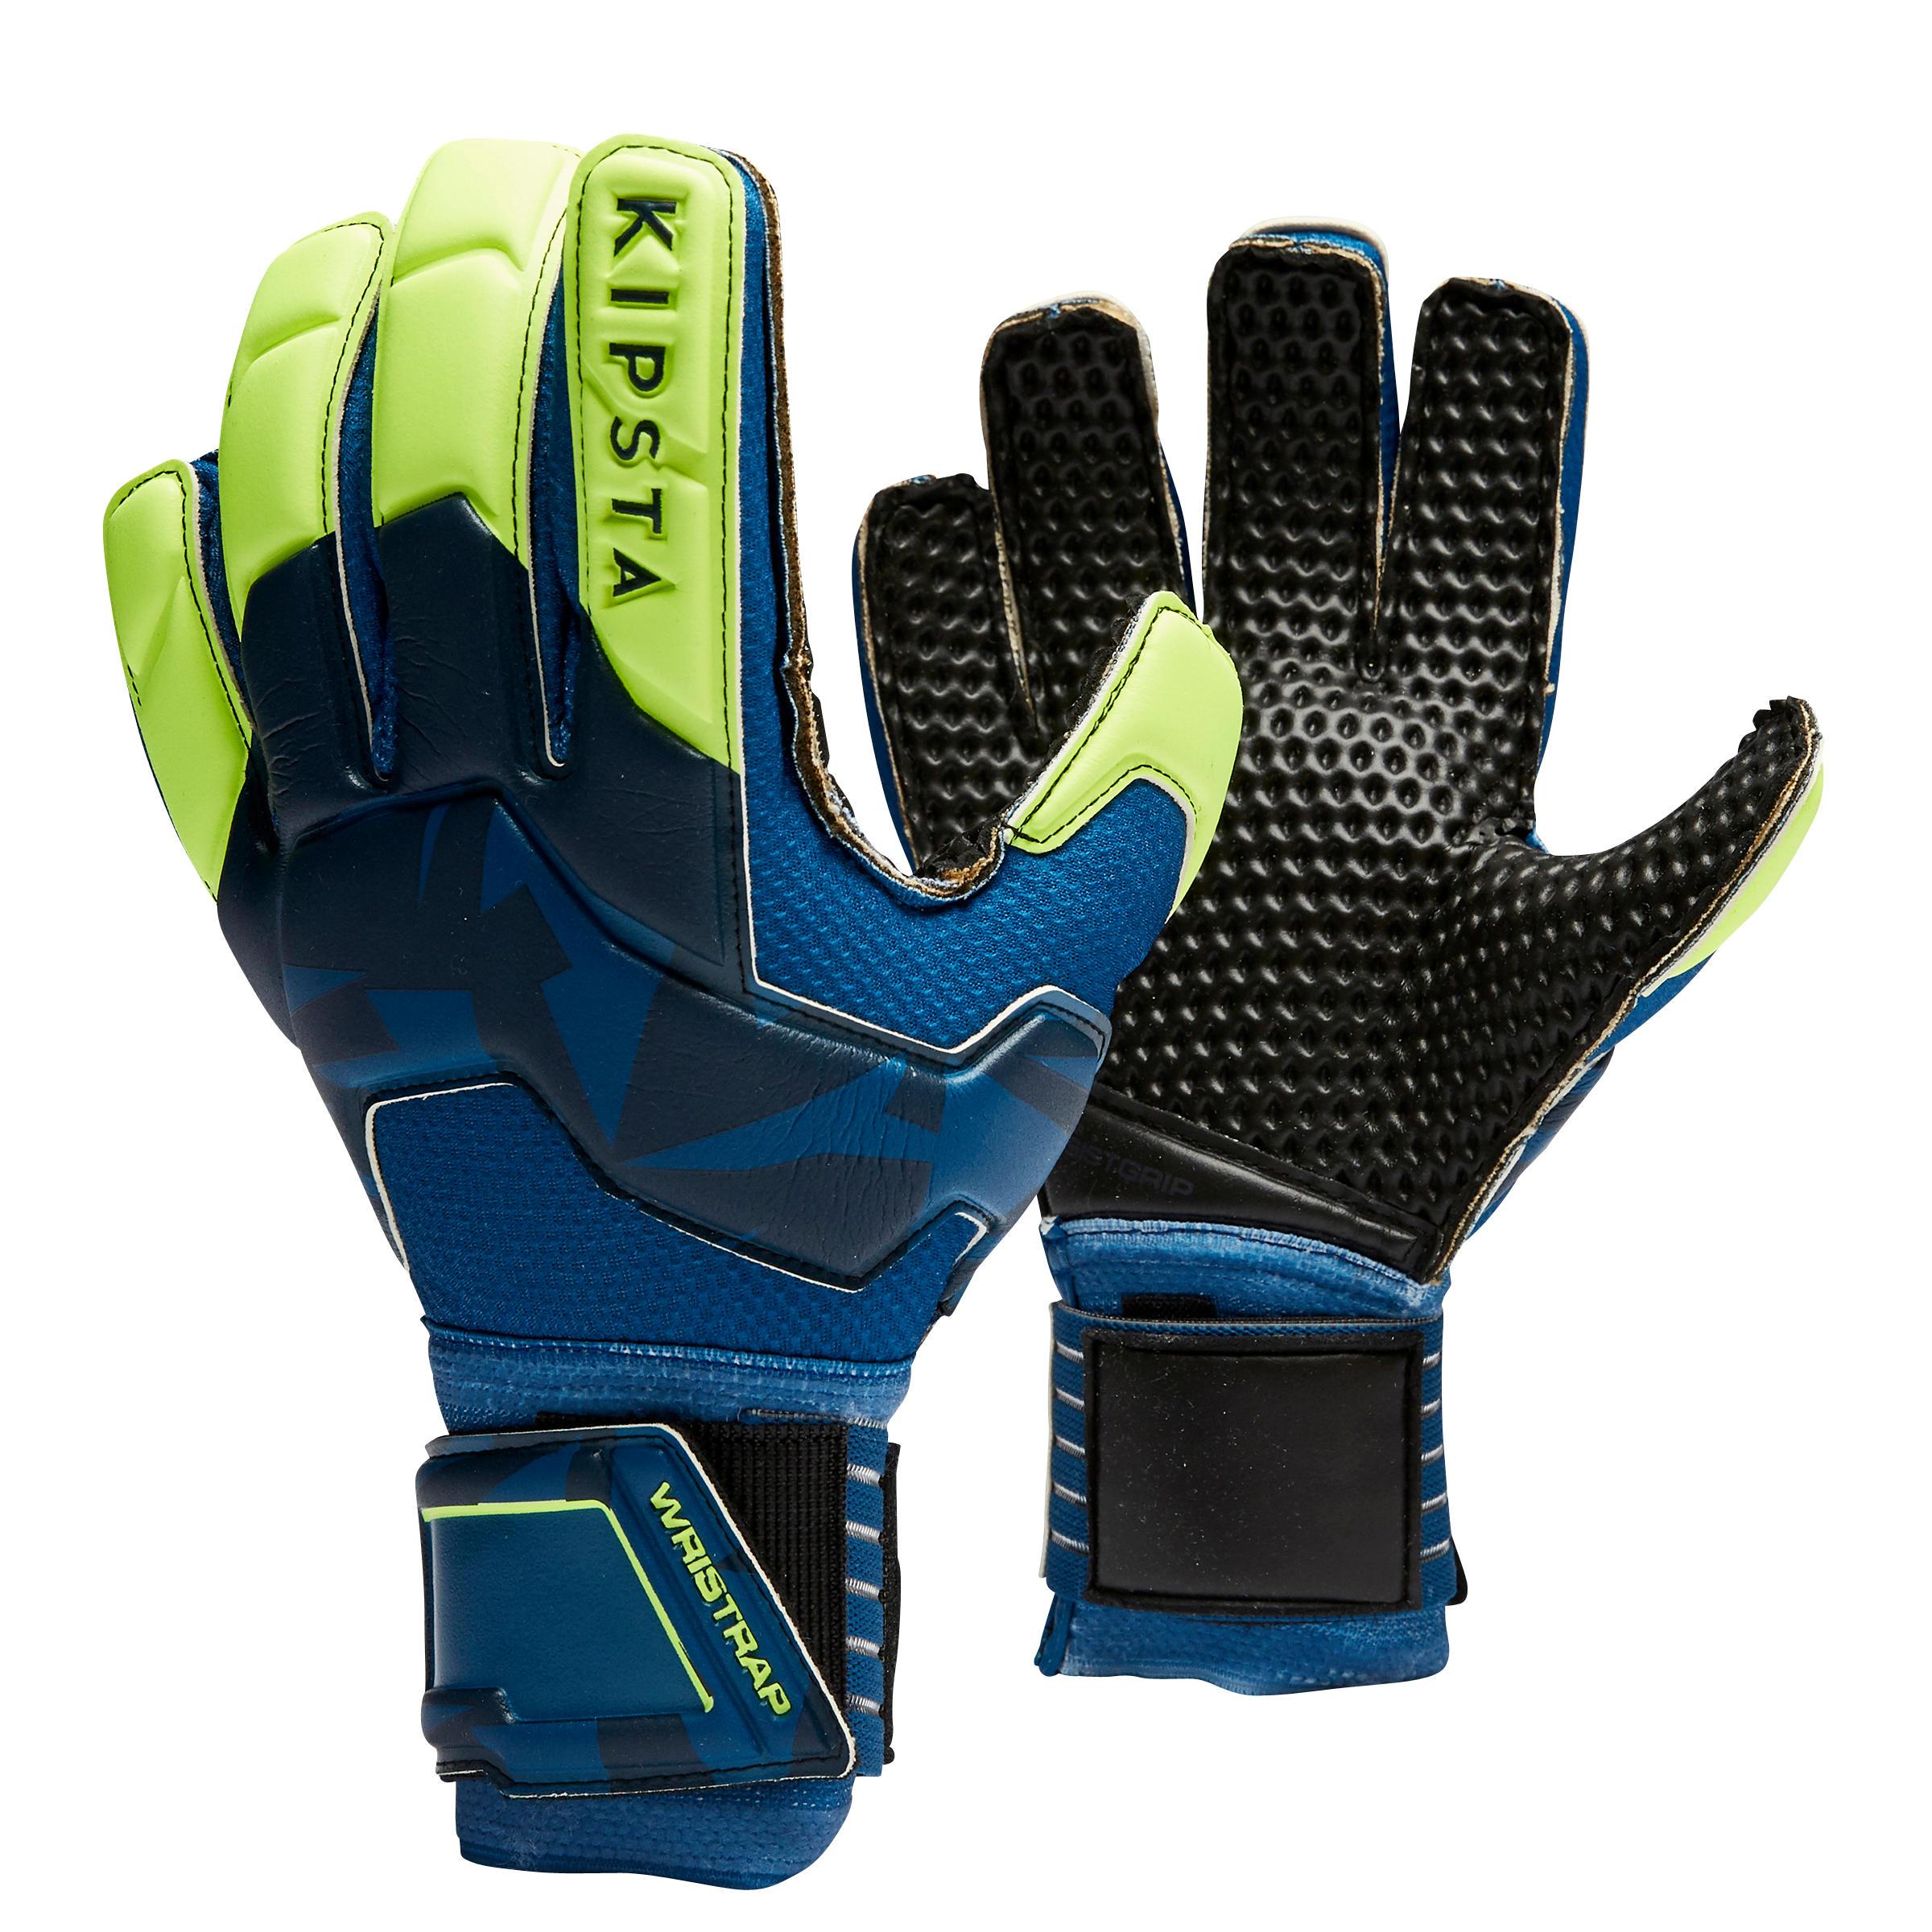 En latex r/ésistant /à lusure Avec double protection du poignet et rev/êtement antid/érapant Gants de gardien de but pour enfants Pour football